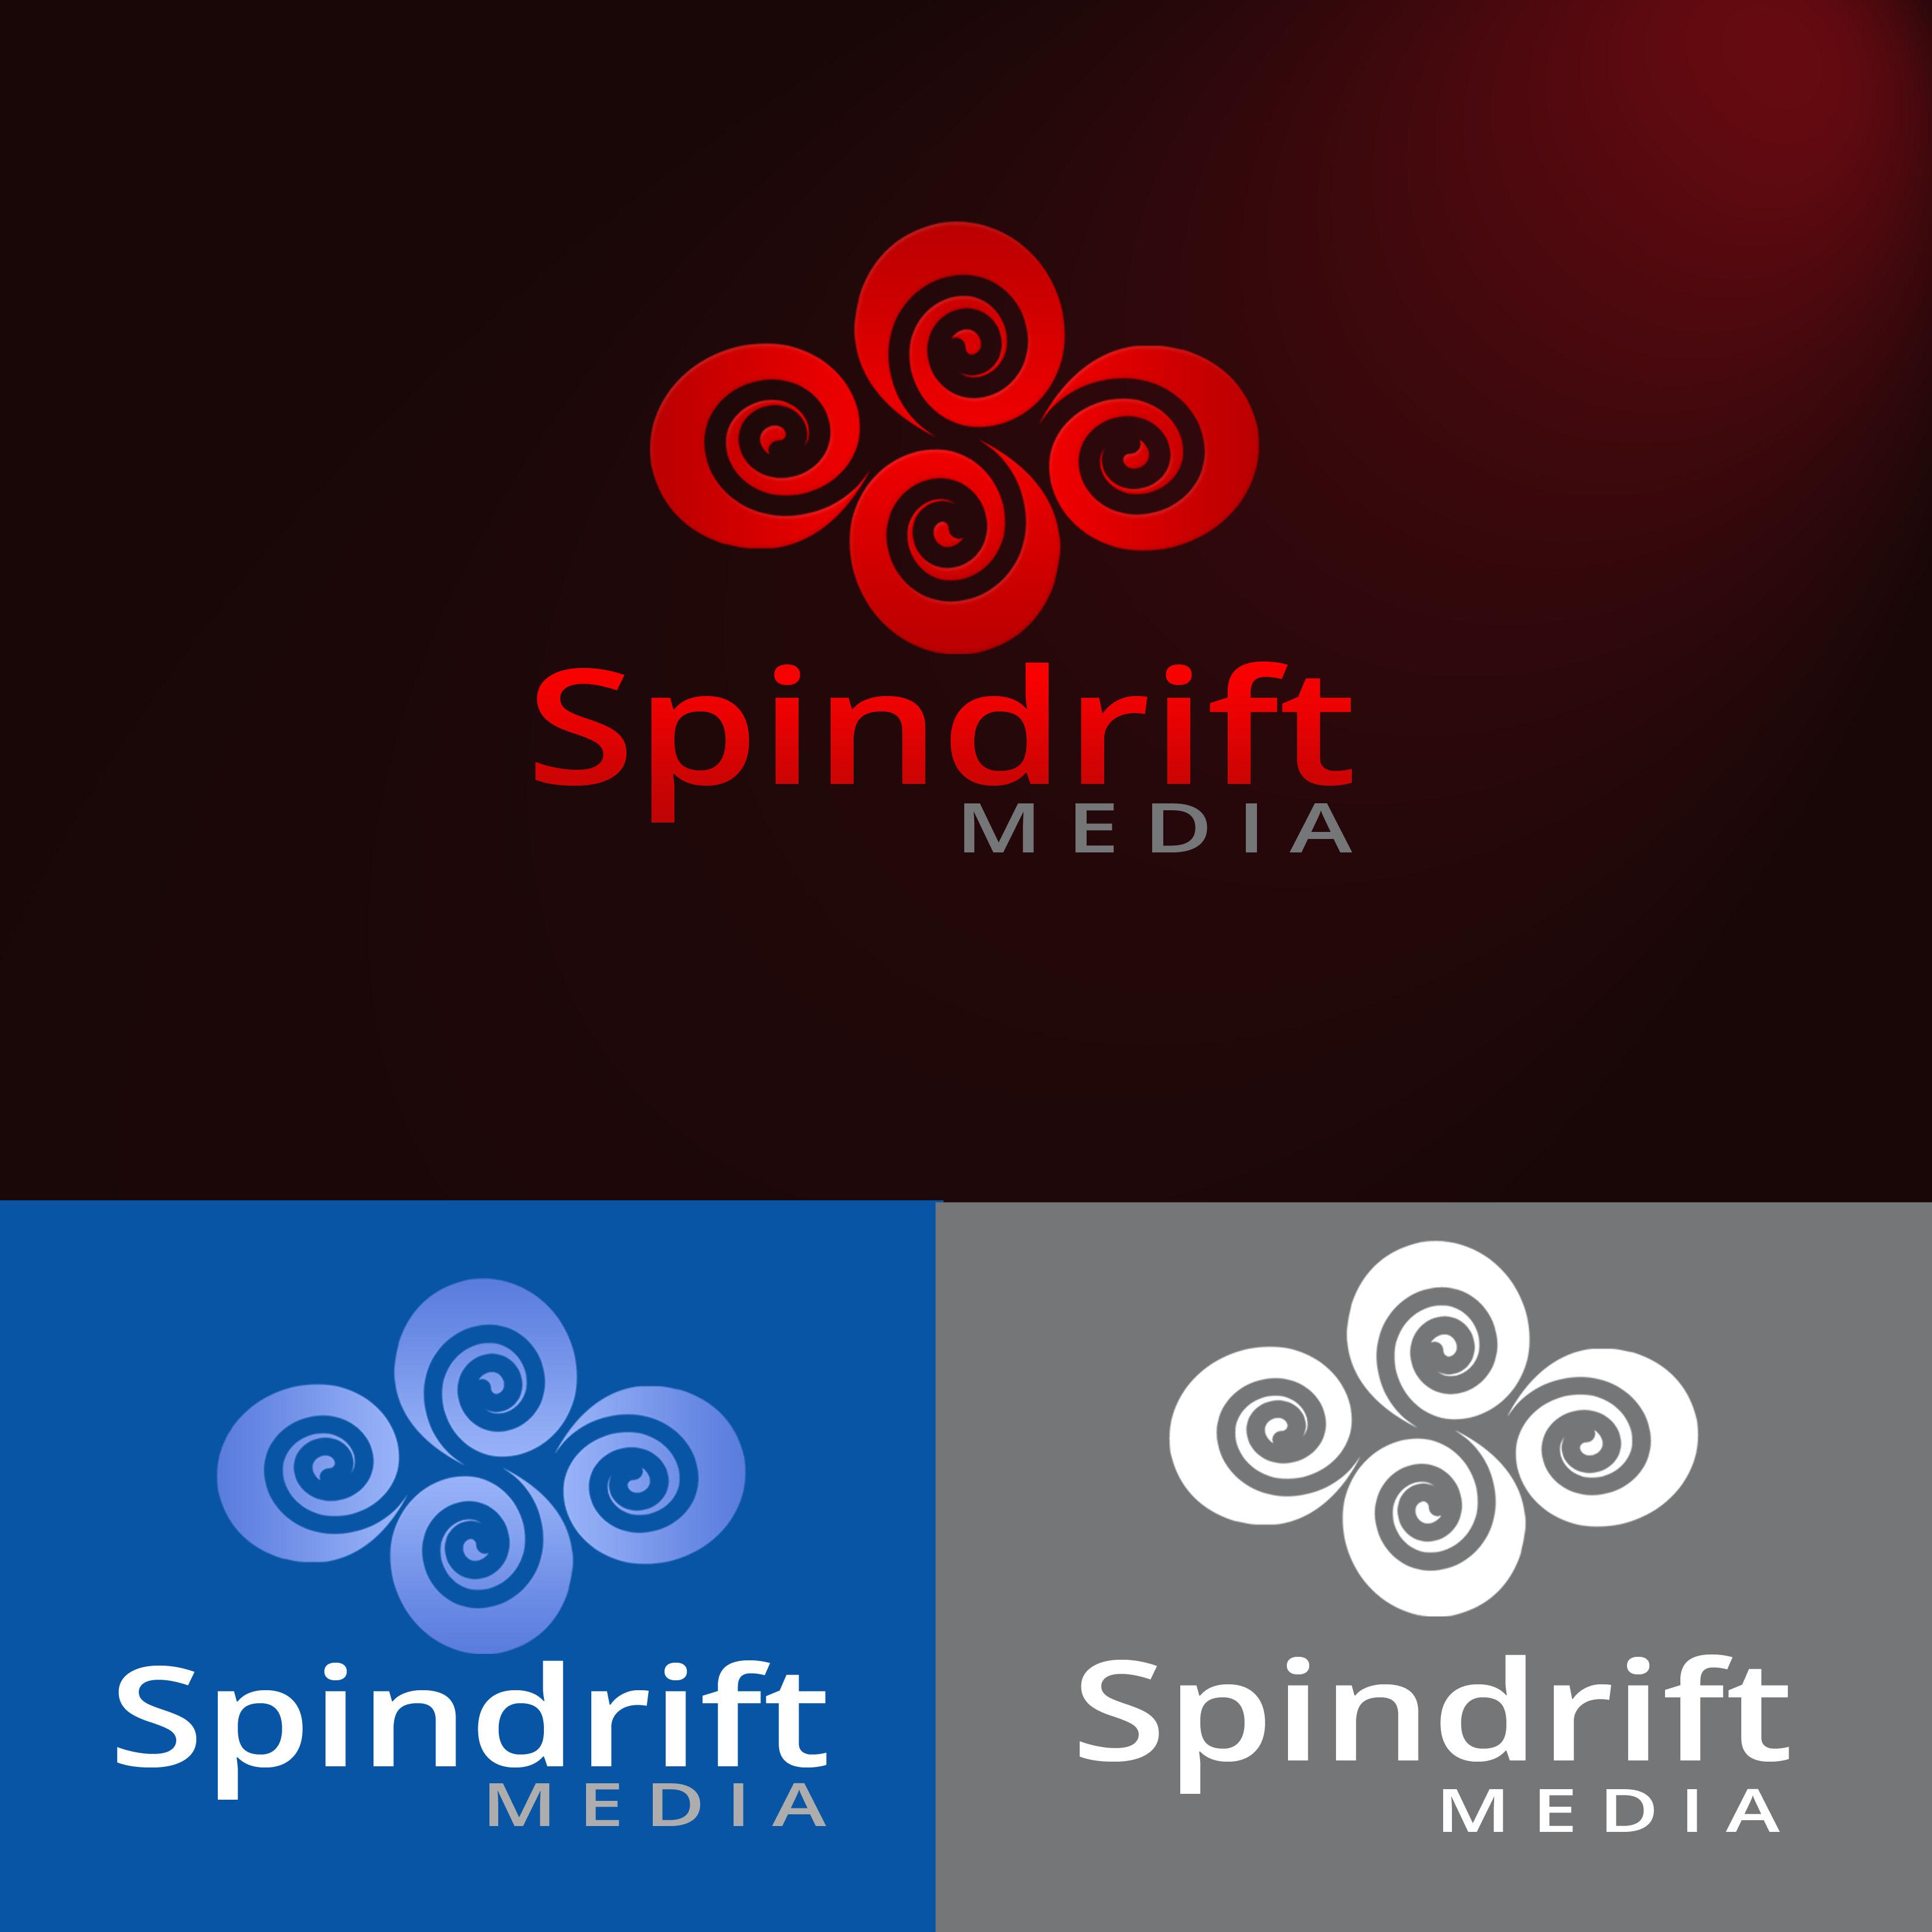 Logo Design by Allan Esclamado - Entry No. 82 in the Logo Design Contest Inspiring Logo Design for Spindrift Media.